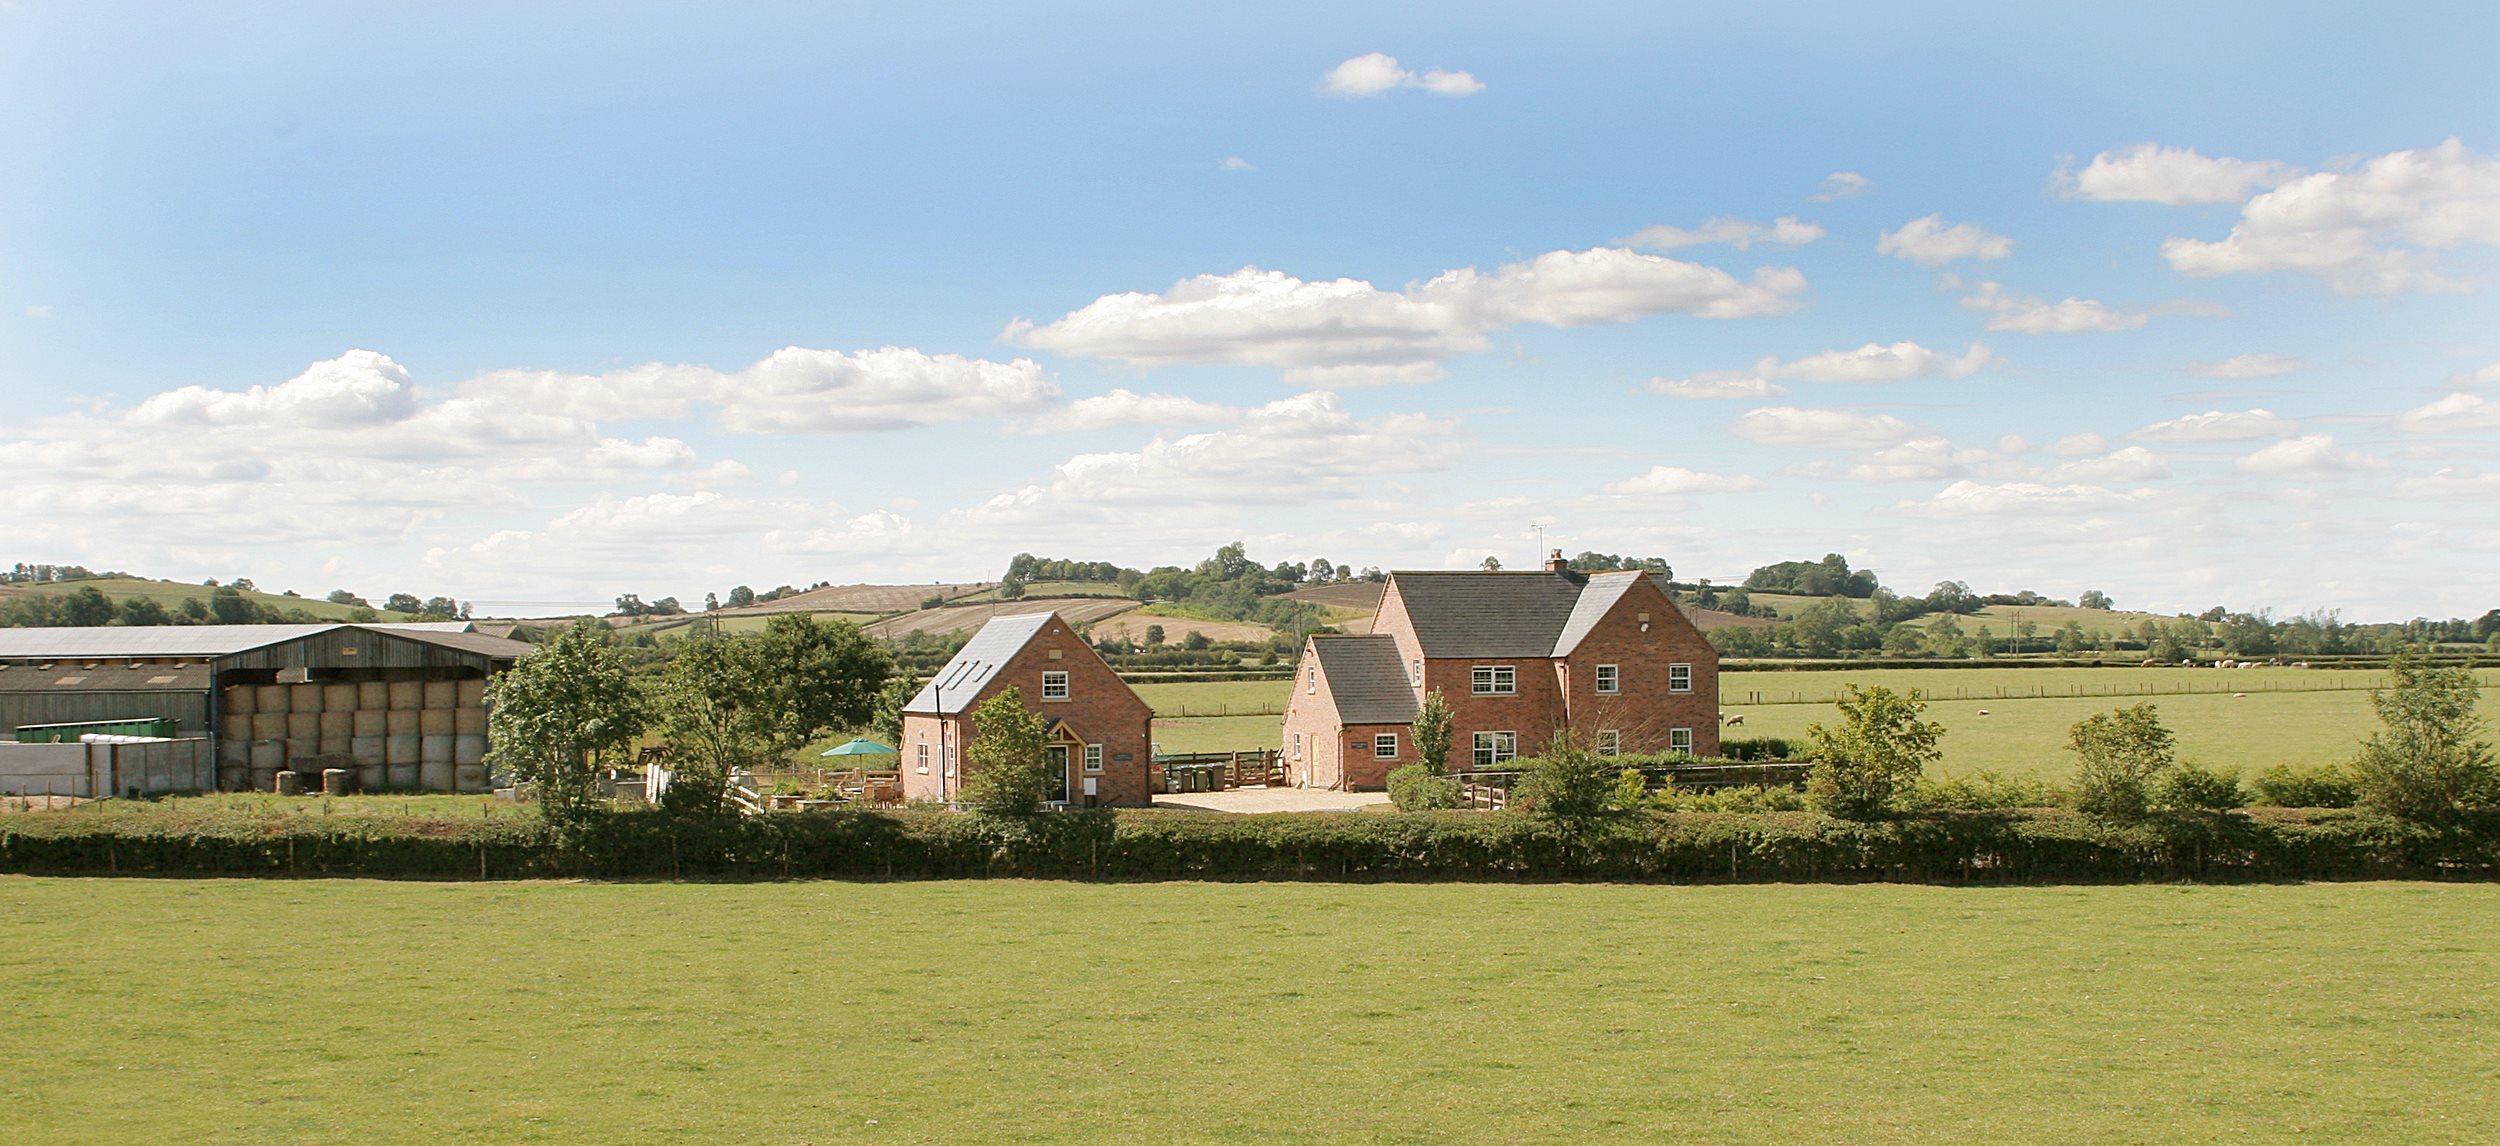 Binley Bridge Farm